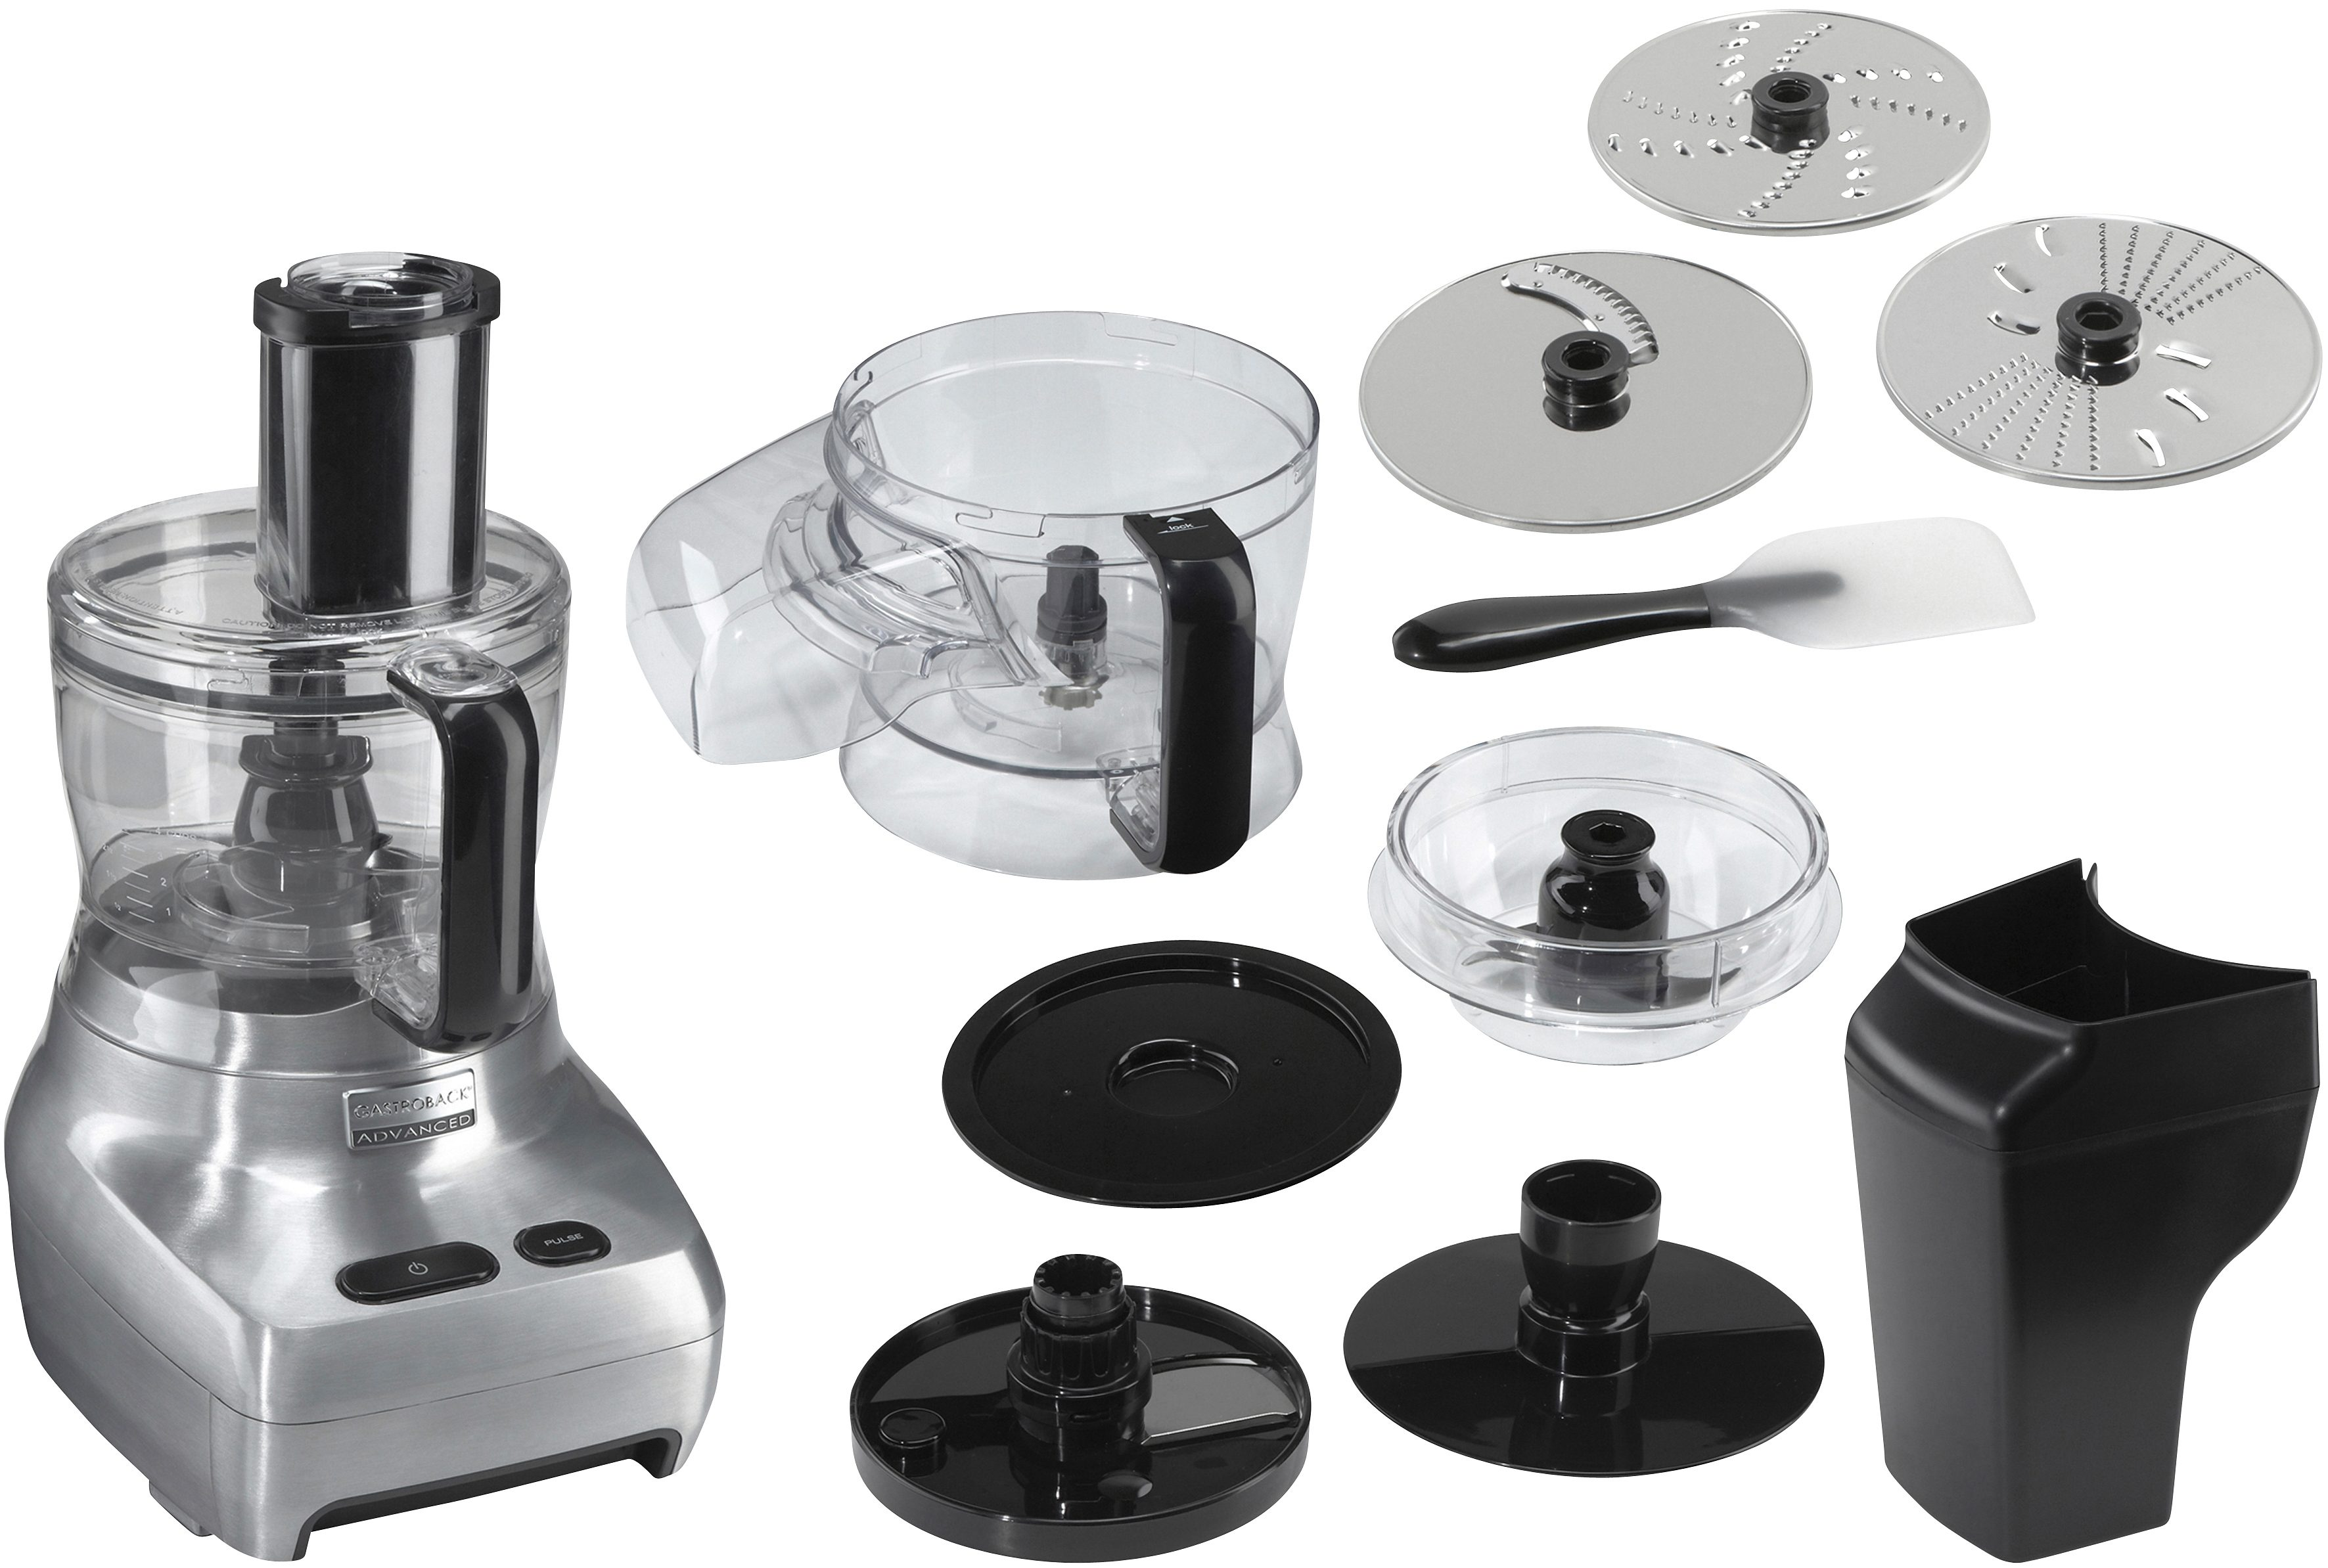 Gastroback Kompakt-Küchenmaschine Design Food Processor Advanced 40965, 1100 Watt, Schüssel 2 Liter   Küche und Esszimmer > Küchengeräte > Rührgeräte und Mixer   Gastroback